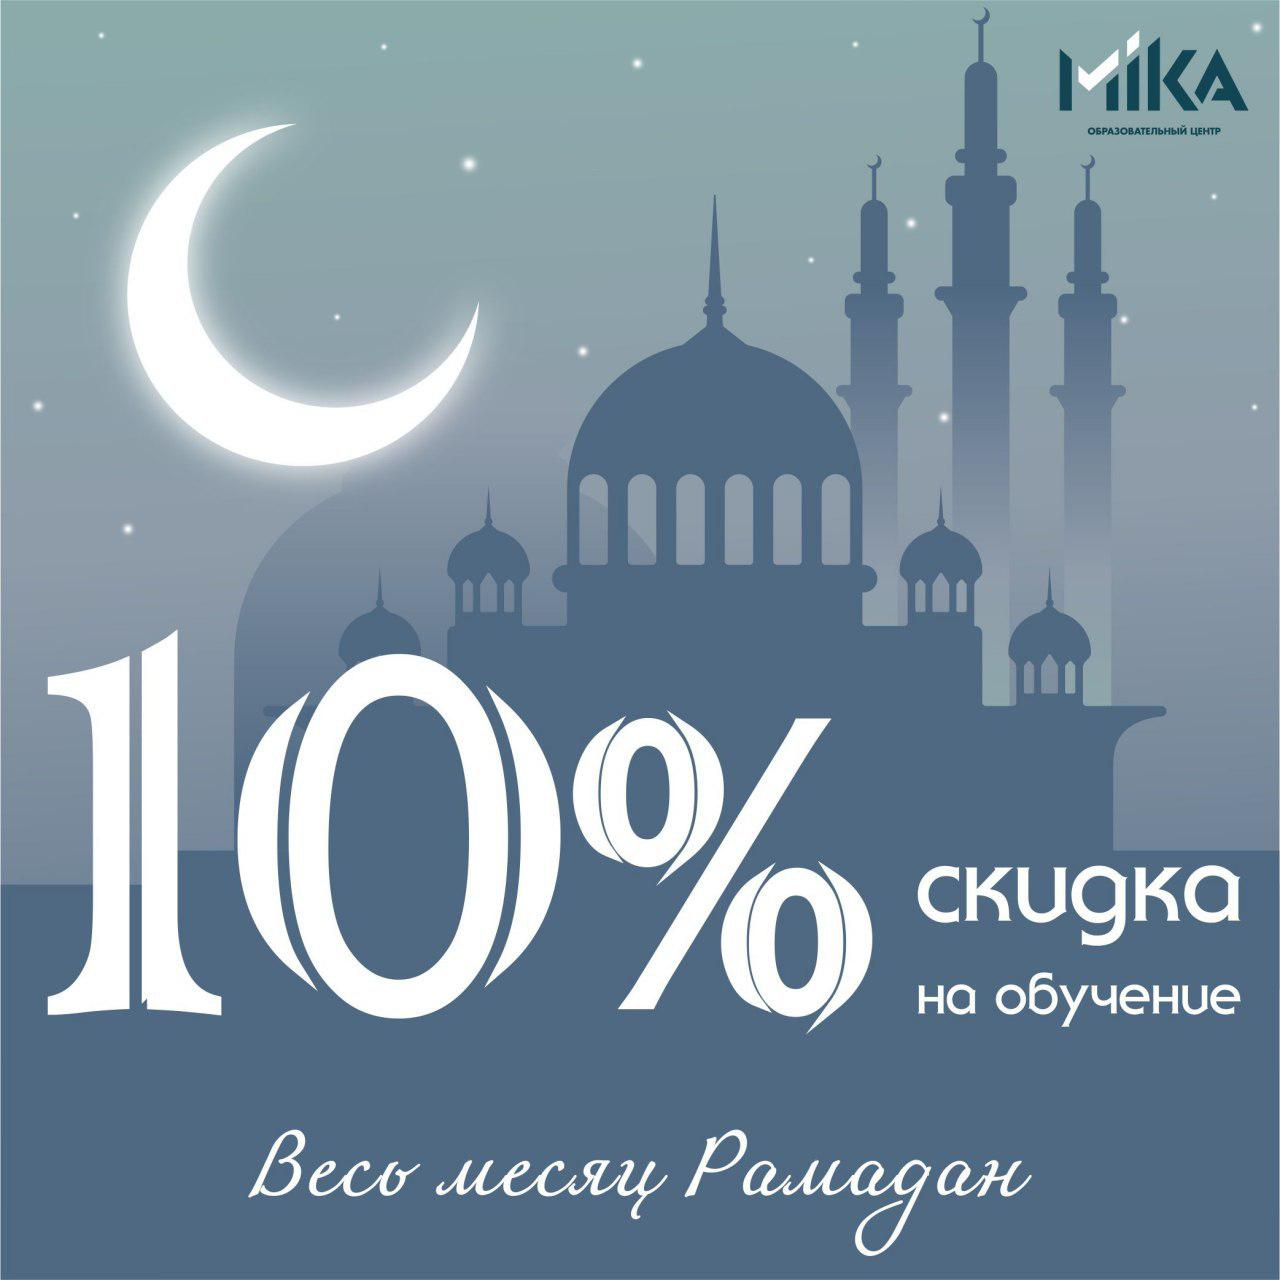 Весь месяц Рамадан скидка на обучение 10%